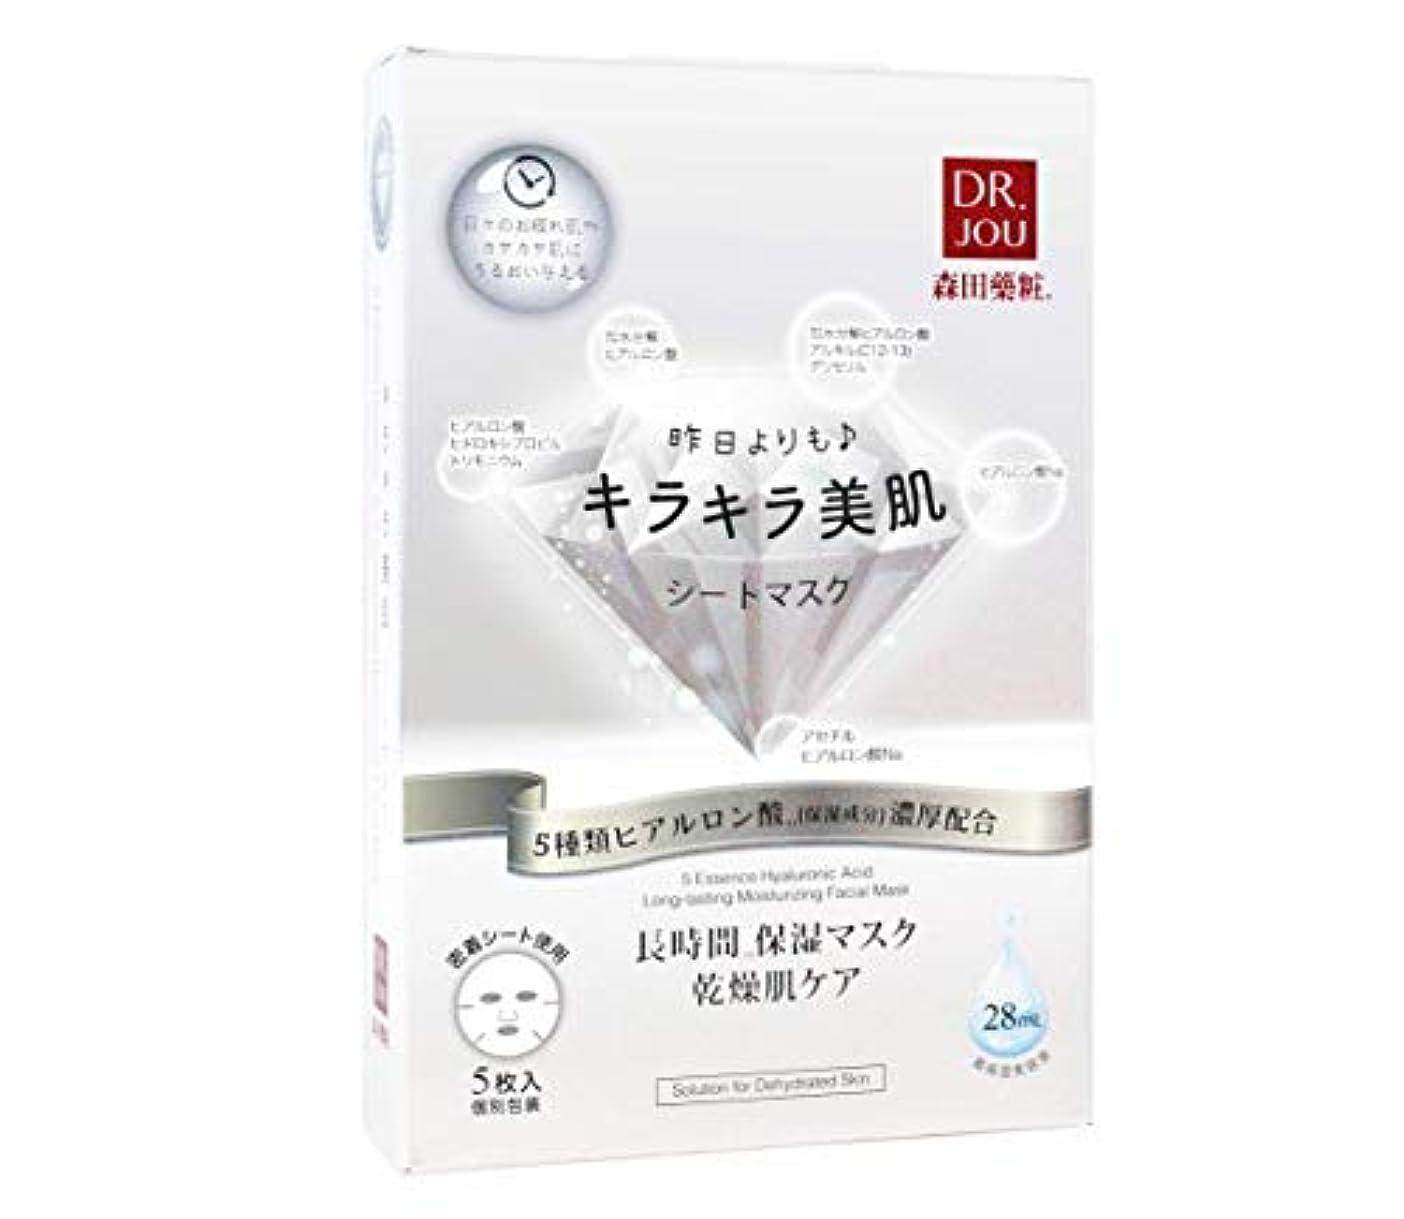 《 森田薬粧 DR.JOU 》 キラキラ美肌シートマスク(5枚)